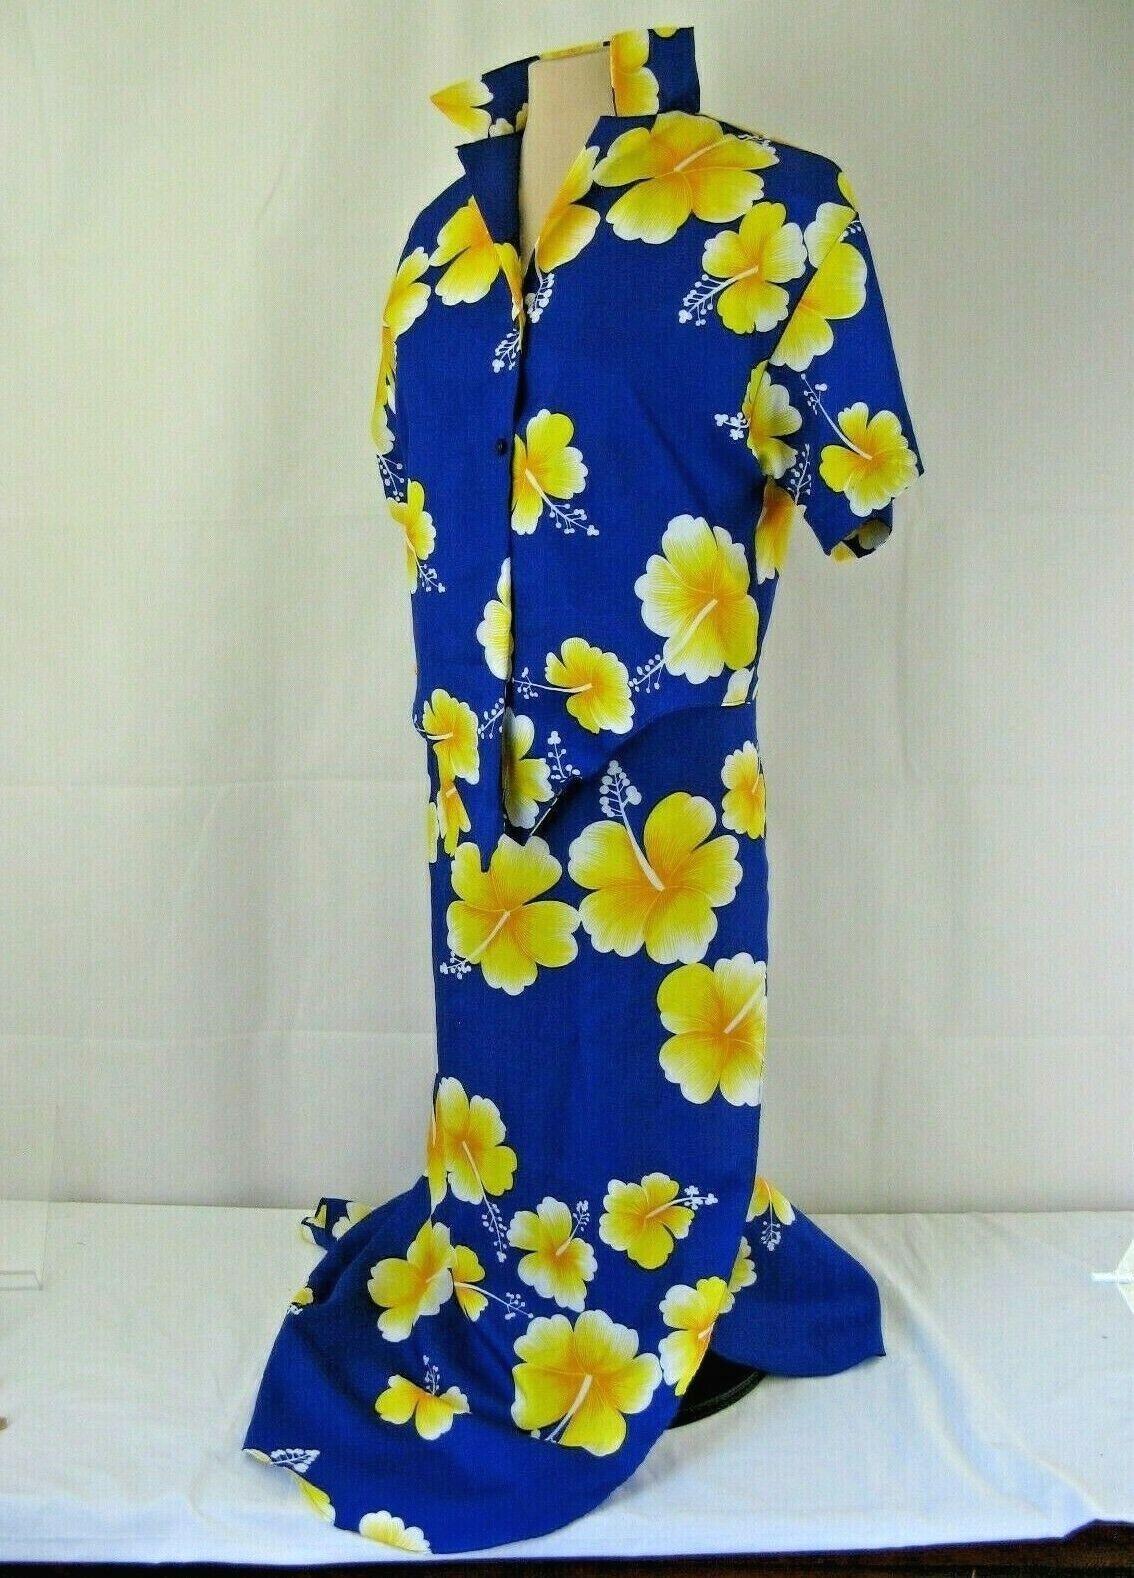 Hilo Hattie Tie Wrap Skirt 2 Button Top Set Size S Top One Size Wrap - $32.56